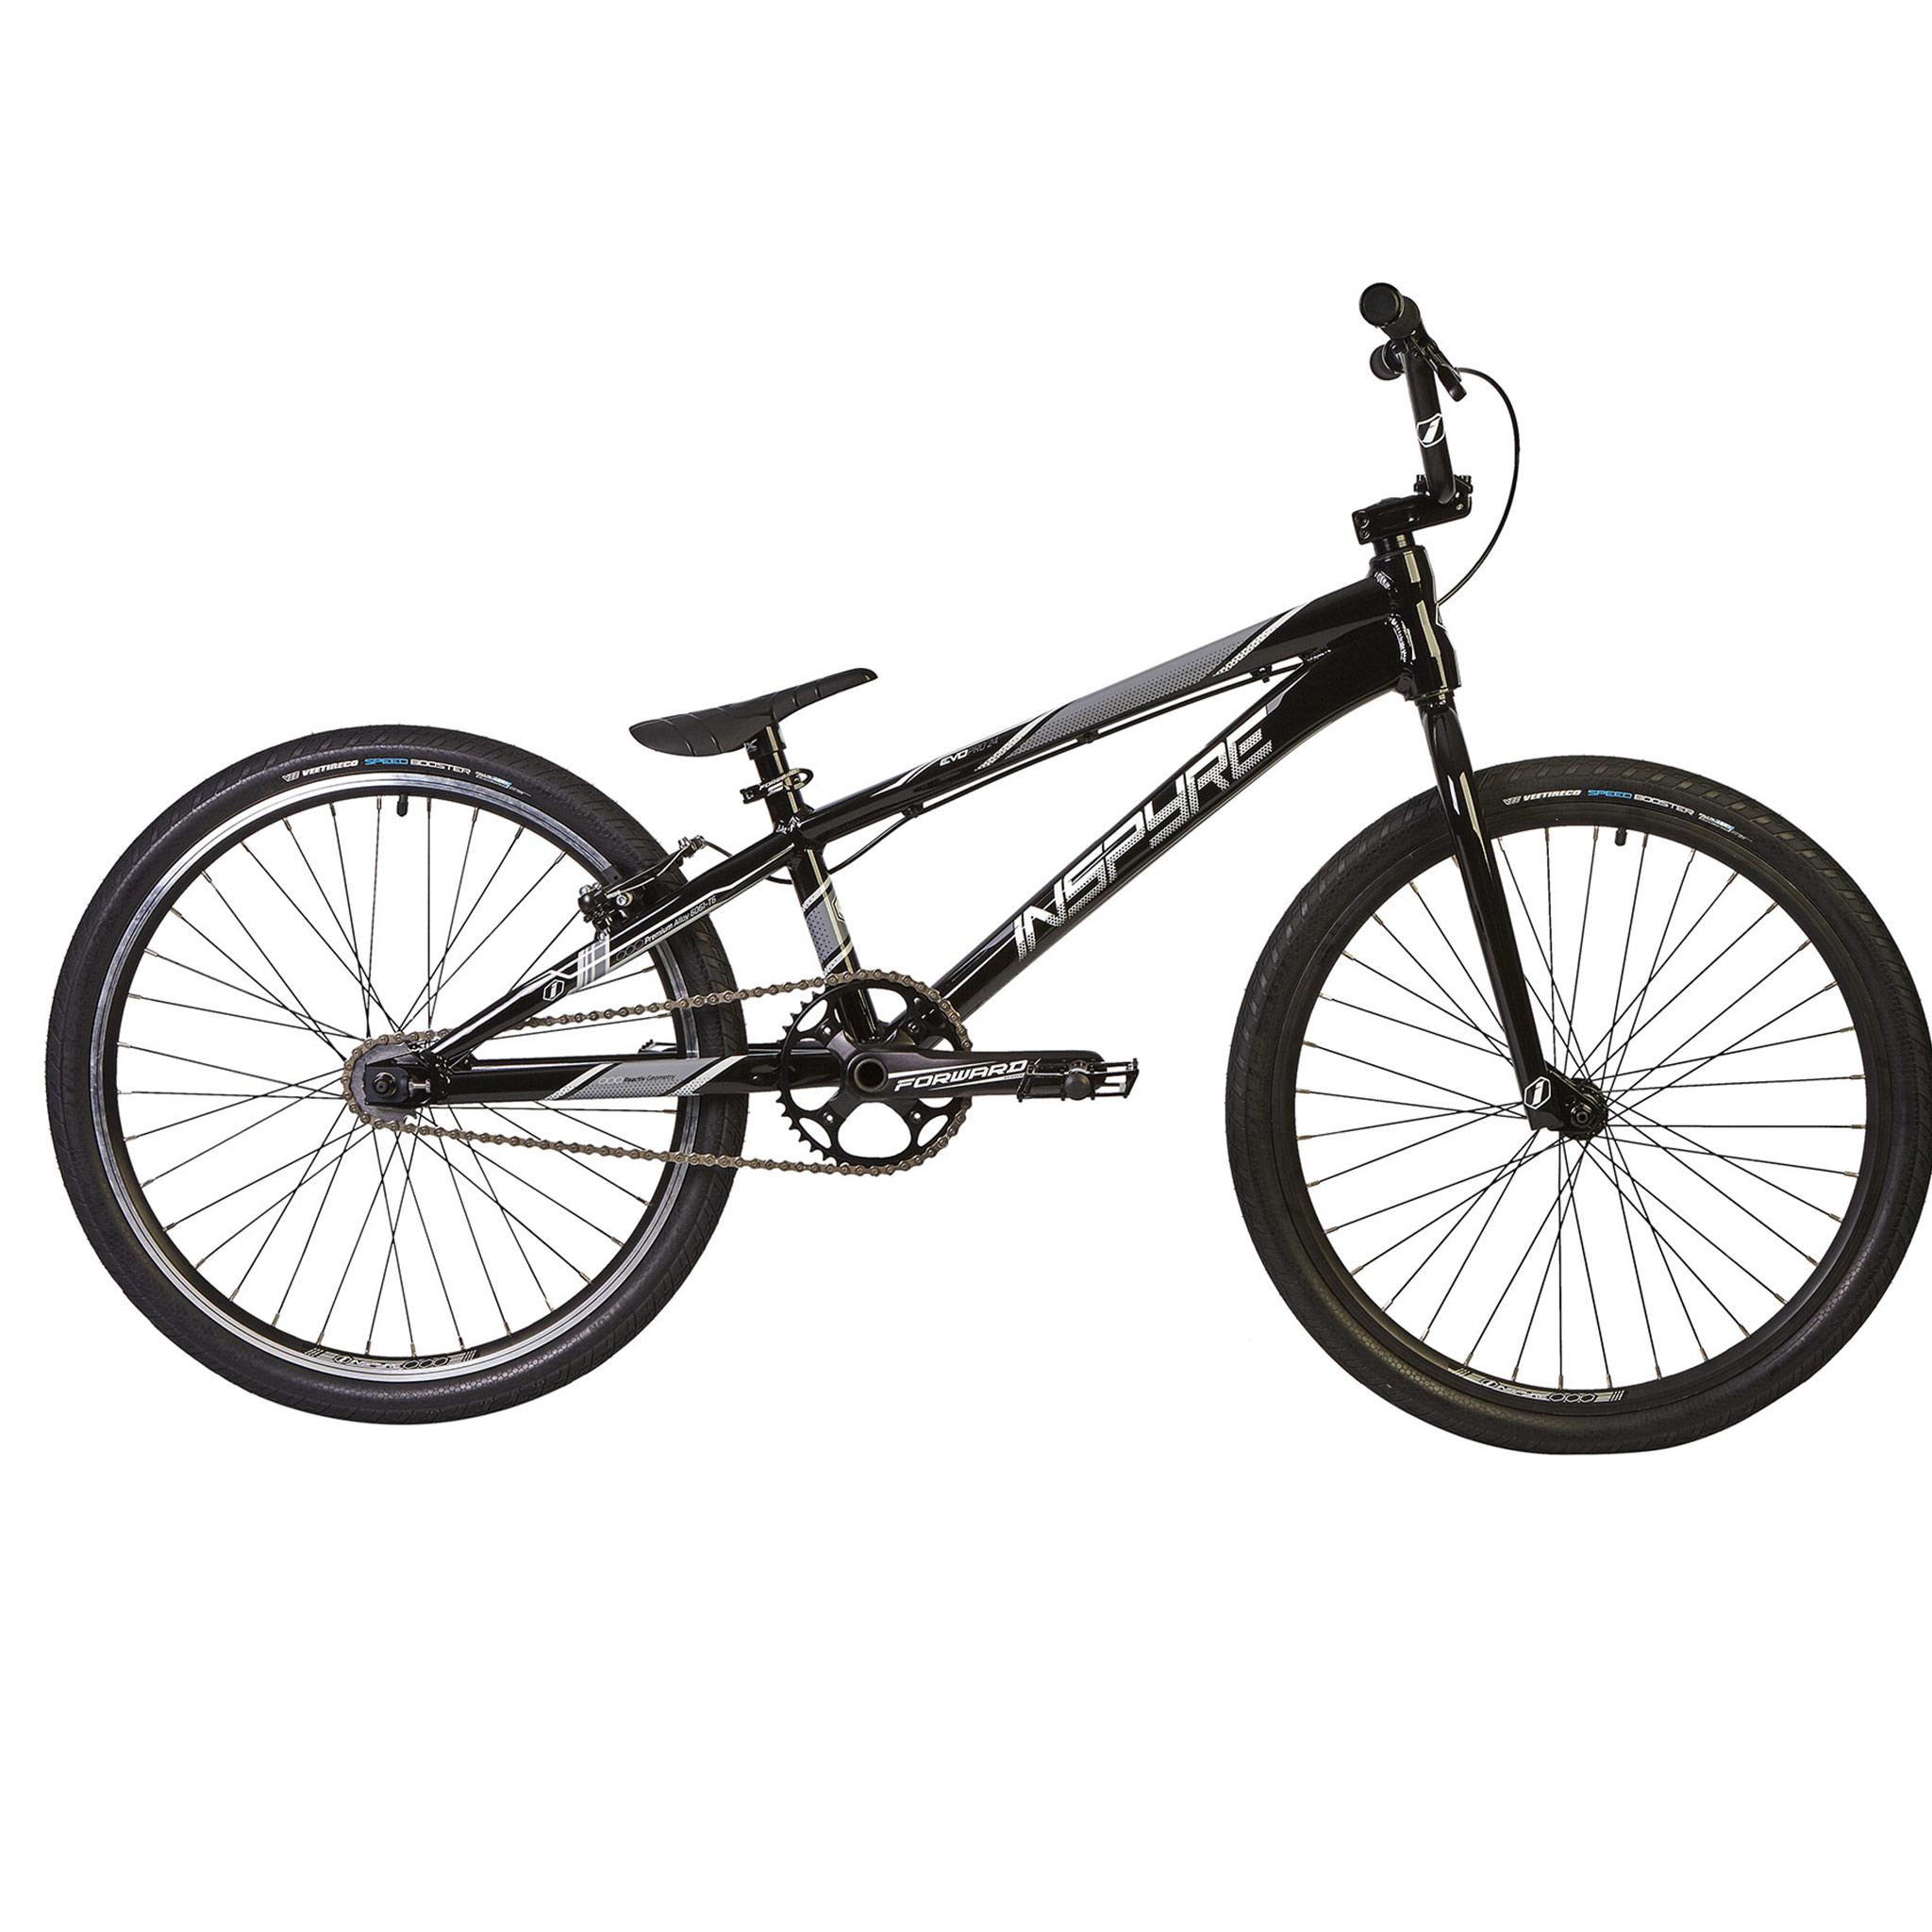 BICICLETA BMX INSPYRE EVO CRUISER 2019